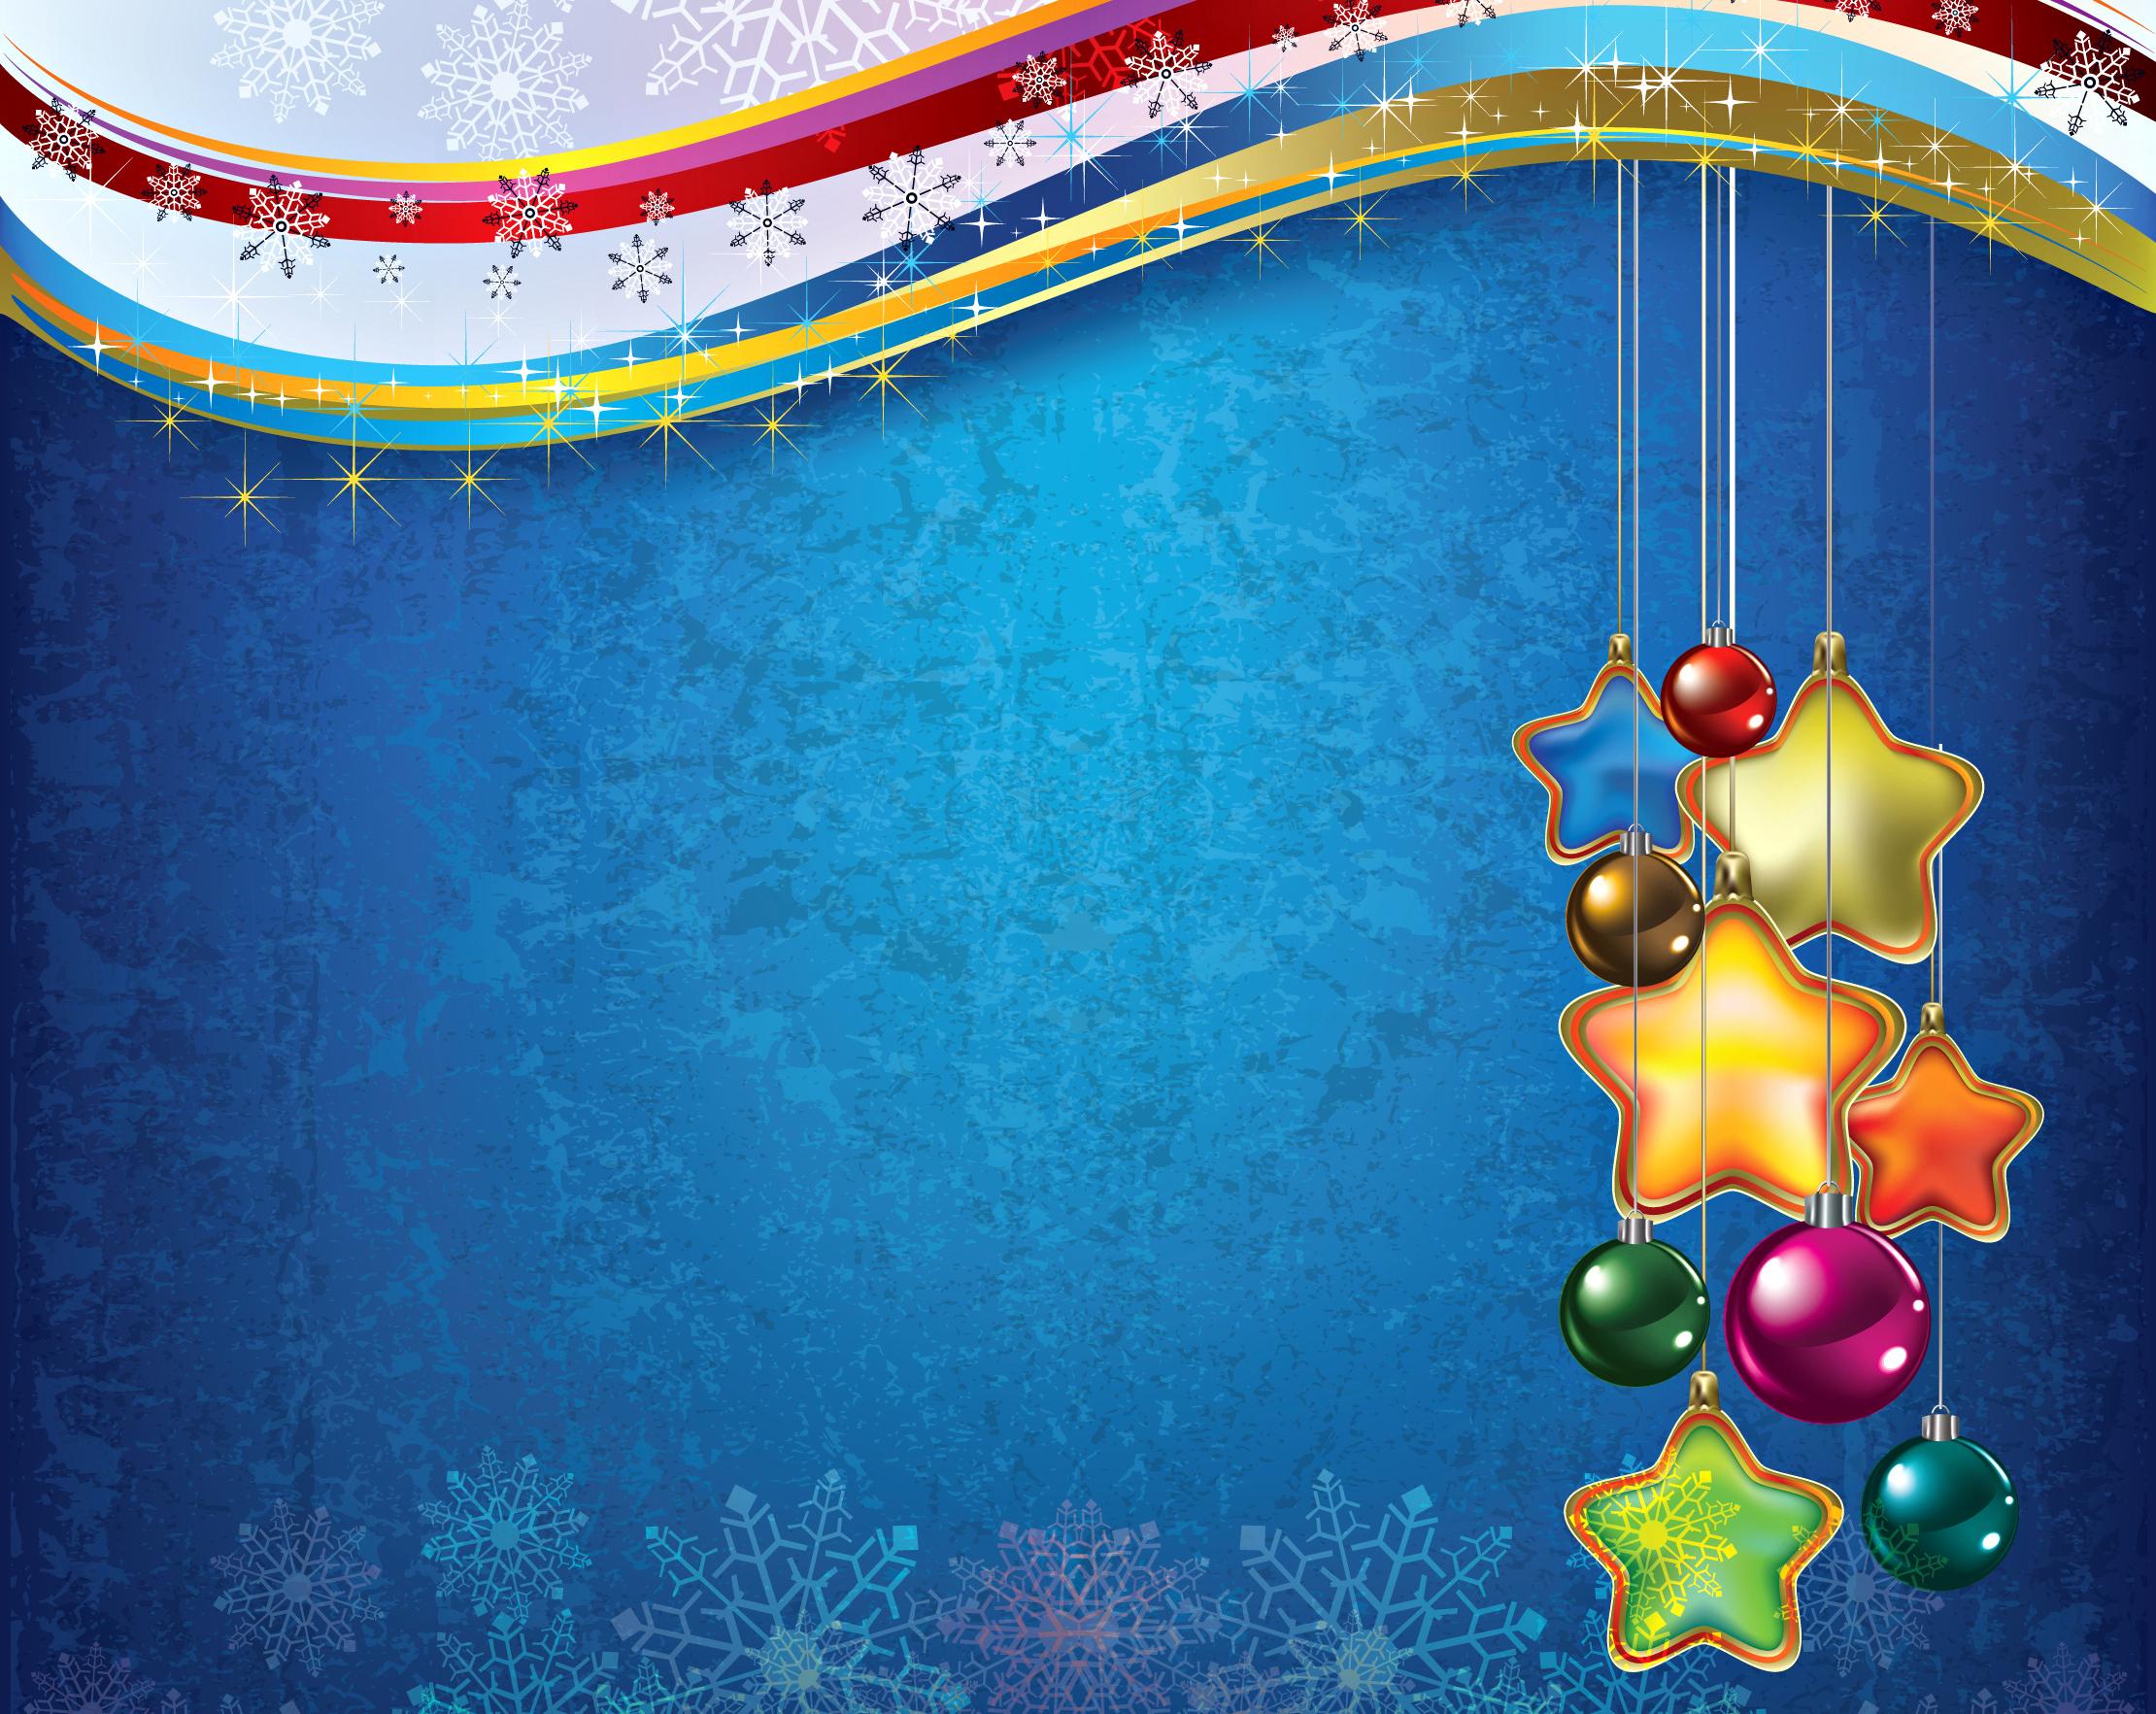 Рождественские картинки для афиши